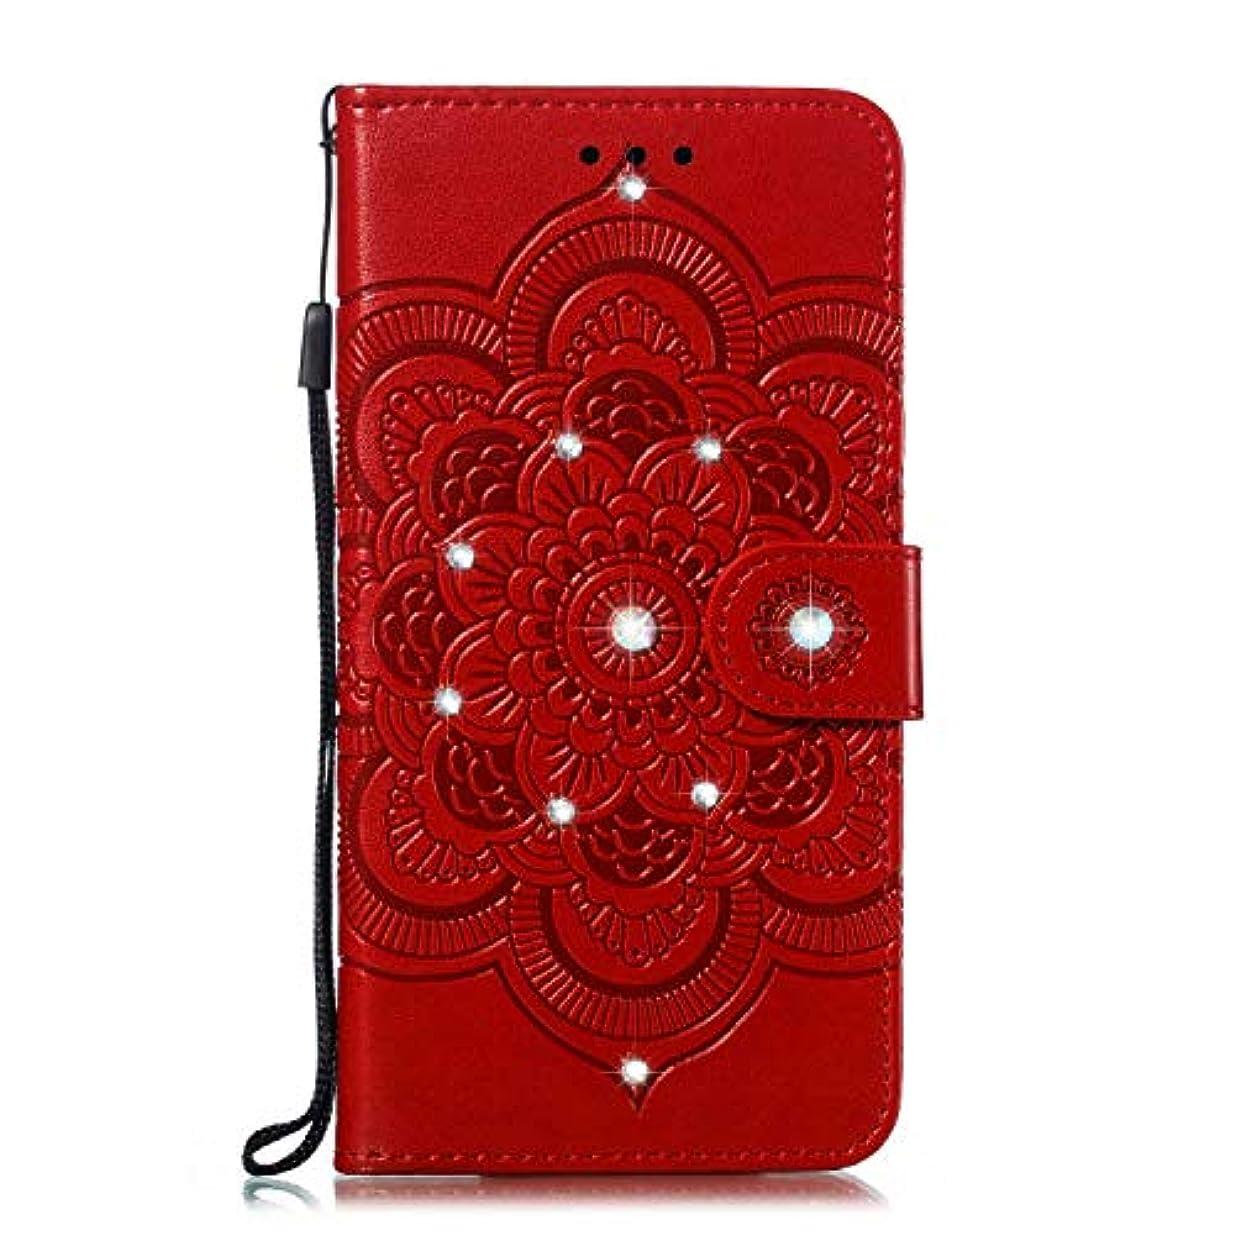 痛みブラウズ彼らはOMATENTI Xiaomi MI 8 Lite ケース 手帳型 かわいい レディース用 合皮PUレザー 財布型 保護ケース ザー カード収納 スタンド 機能 マグネット 人気 高品質 ダイヤモンドの輝き マンダラのエンボス加工 ケース, 赤